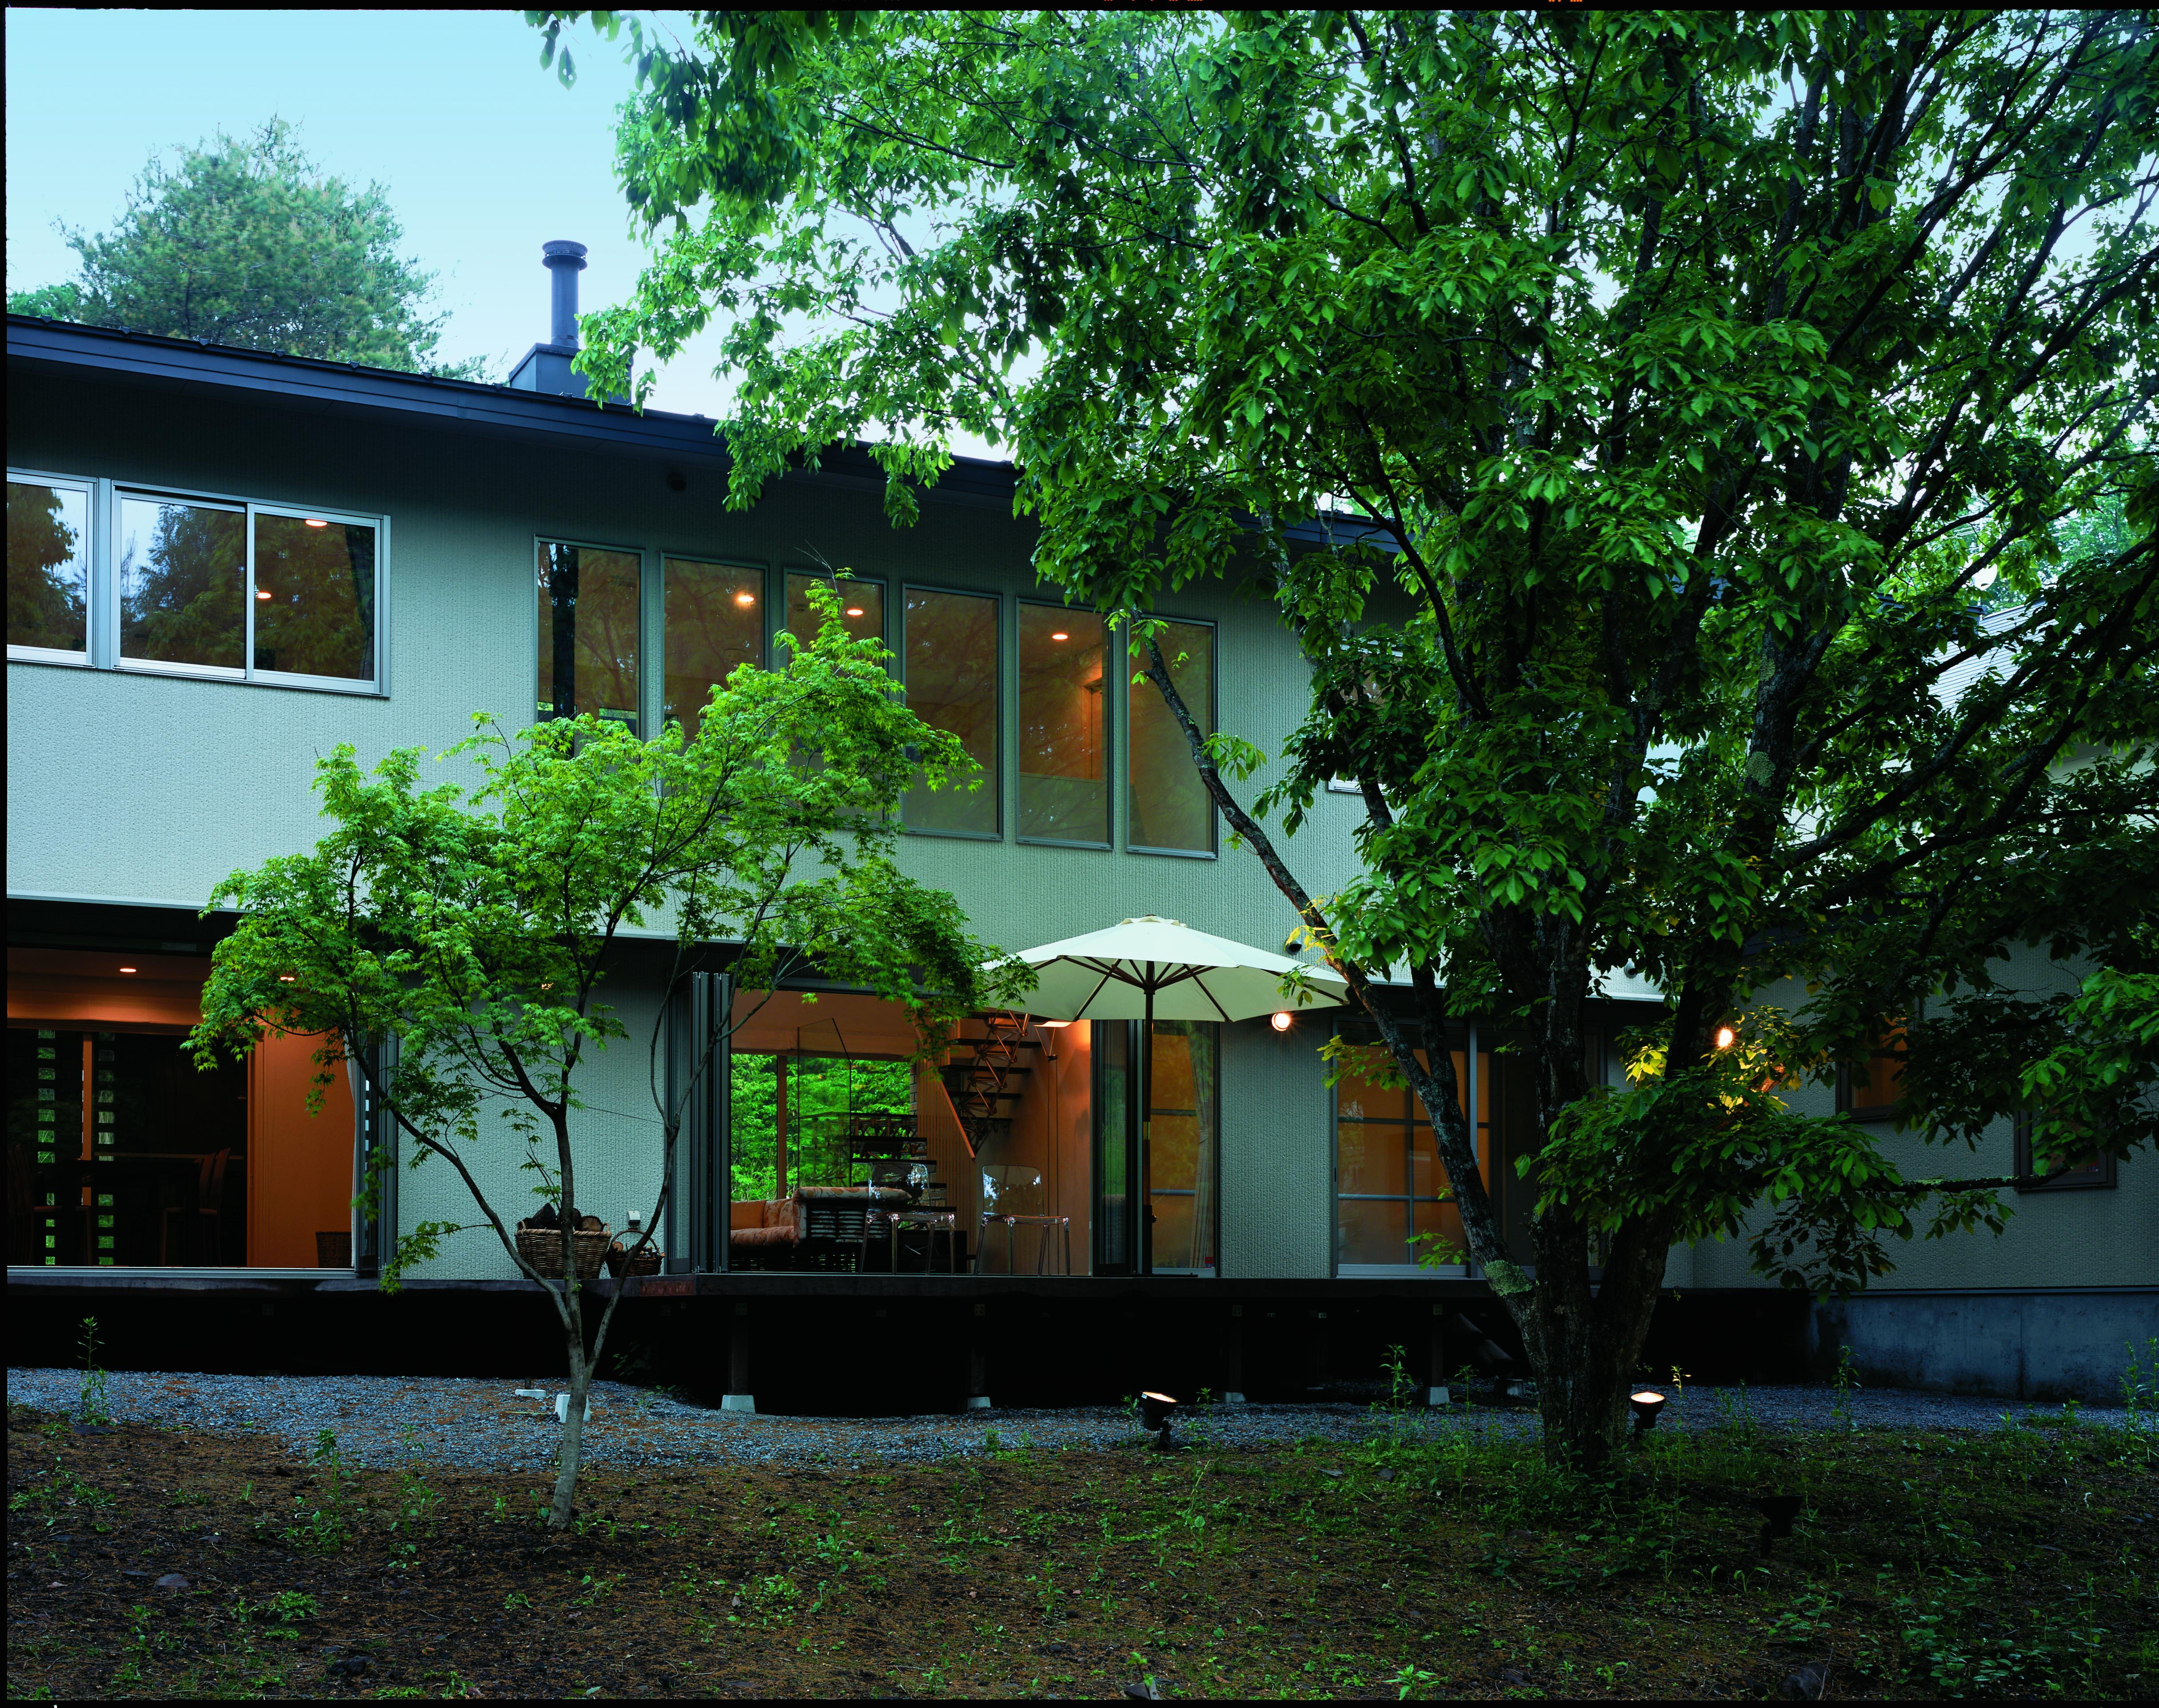 別荘建築ならMアーキテクツデザイン | 軽井沢の別荘建築 週末住宅